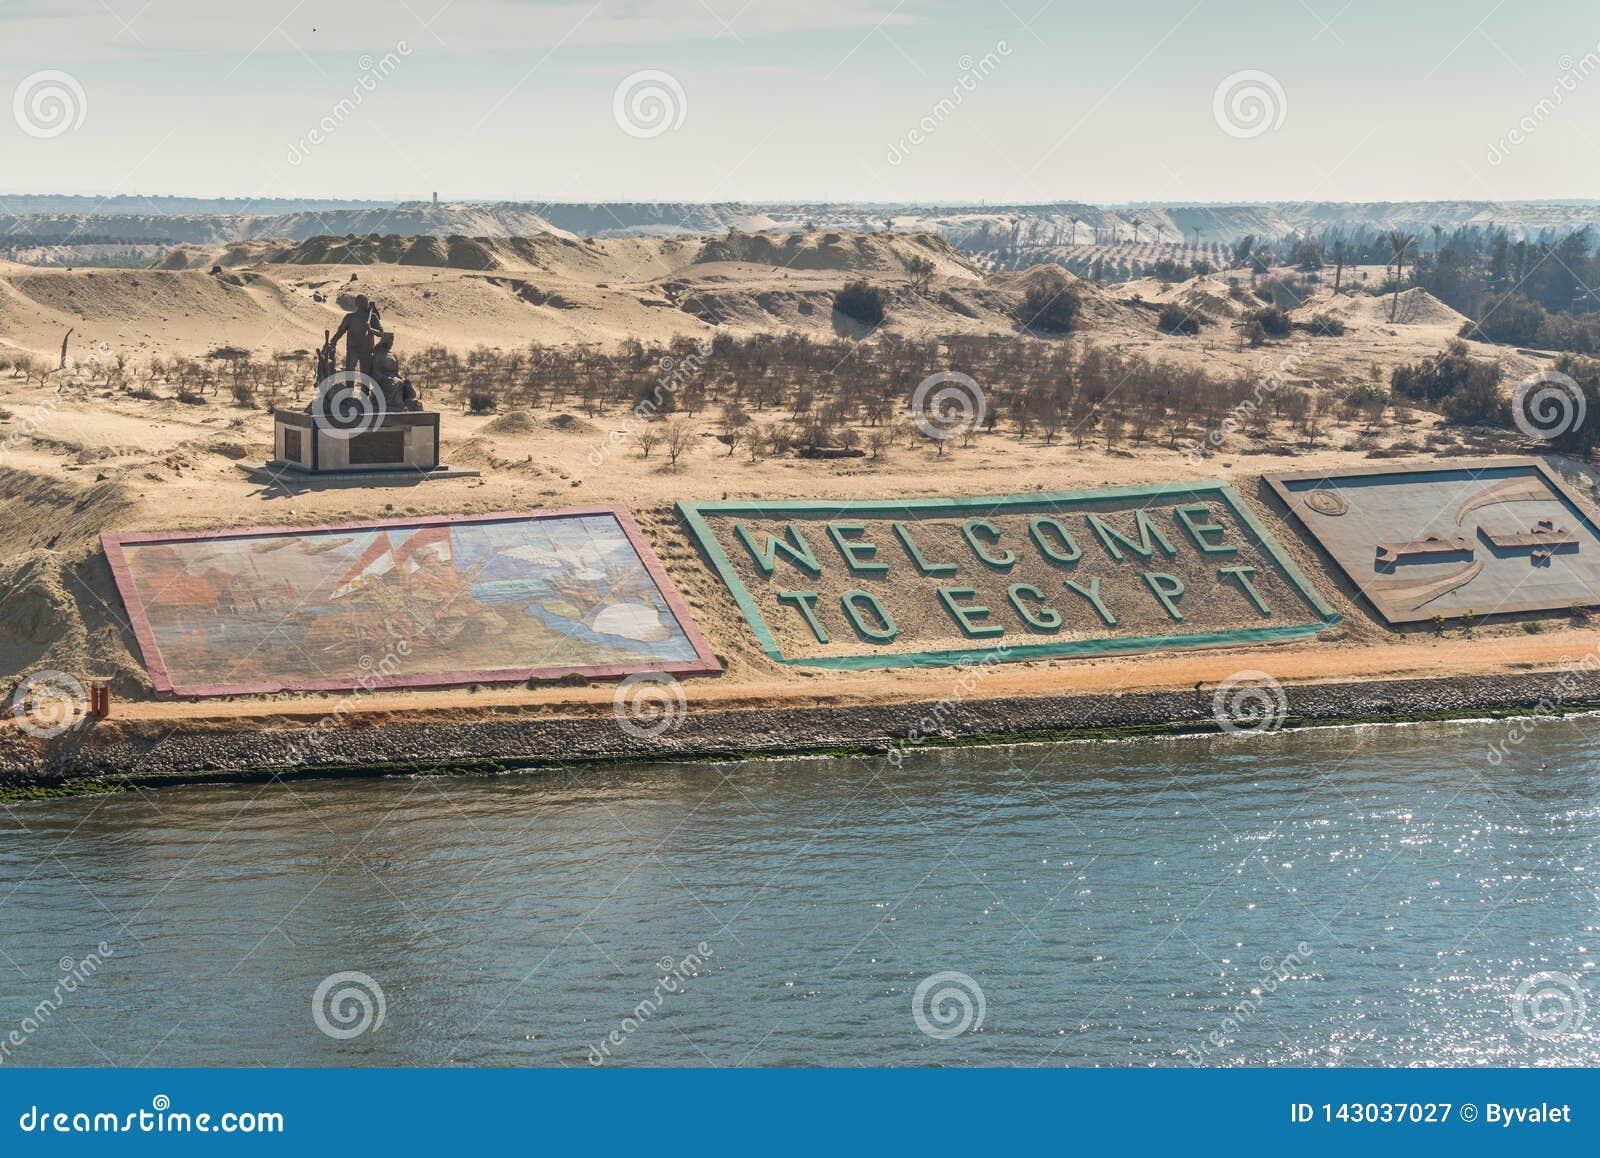 Bancos occidentales del nuevo canal de Suez en la ciudad de Ismailia, Egipto